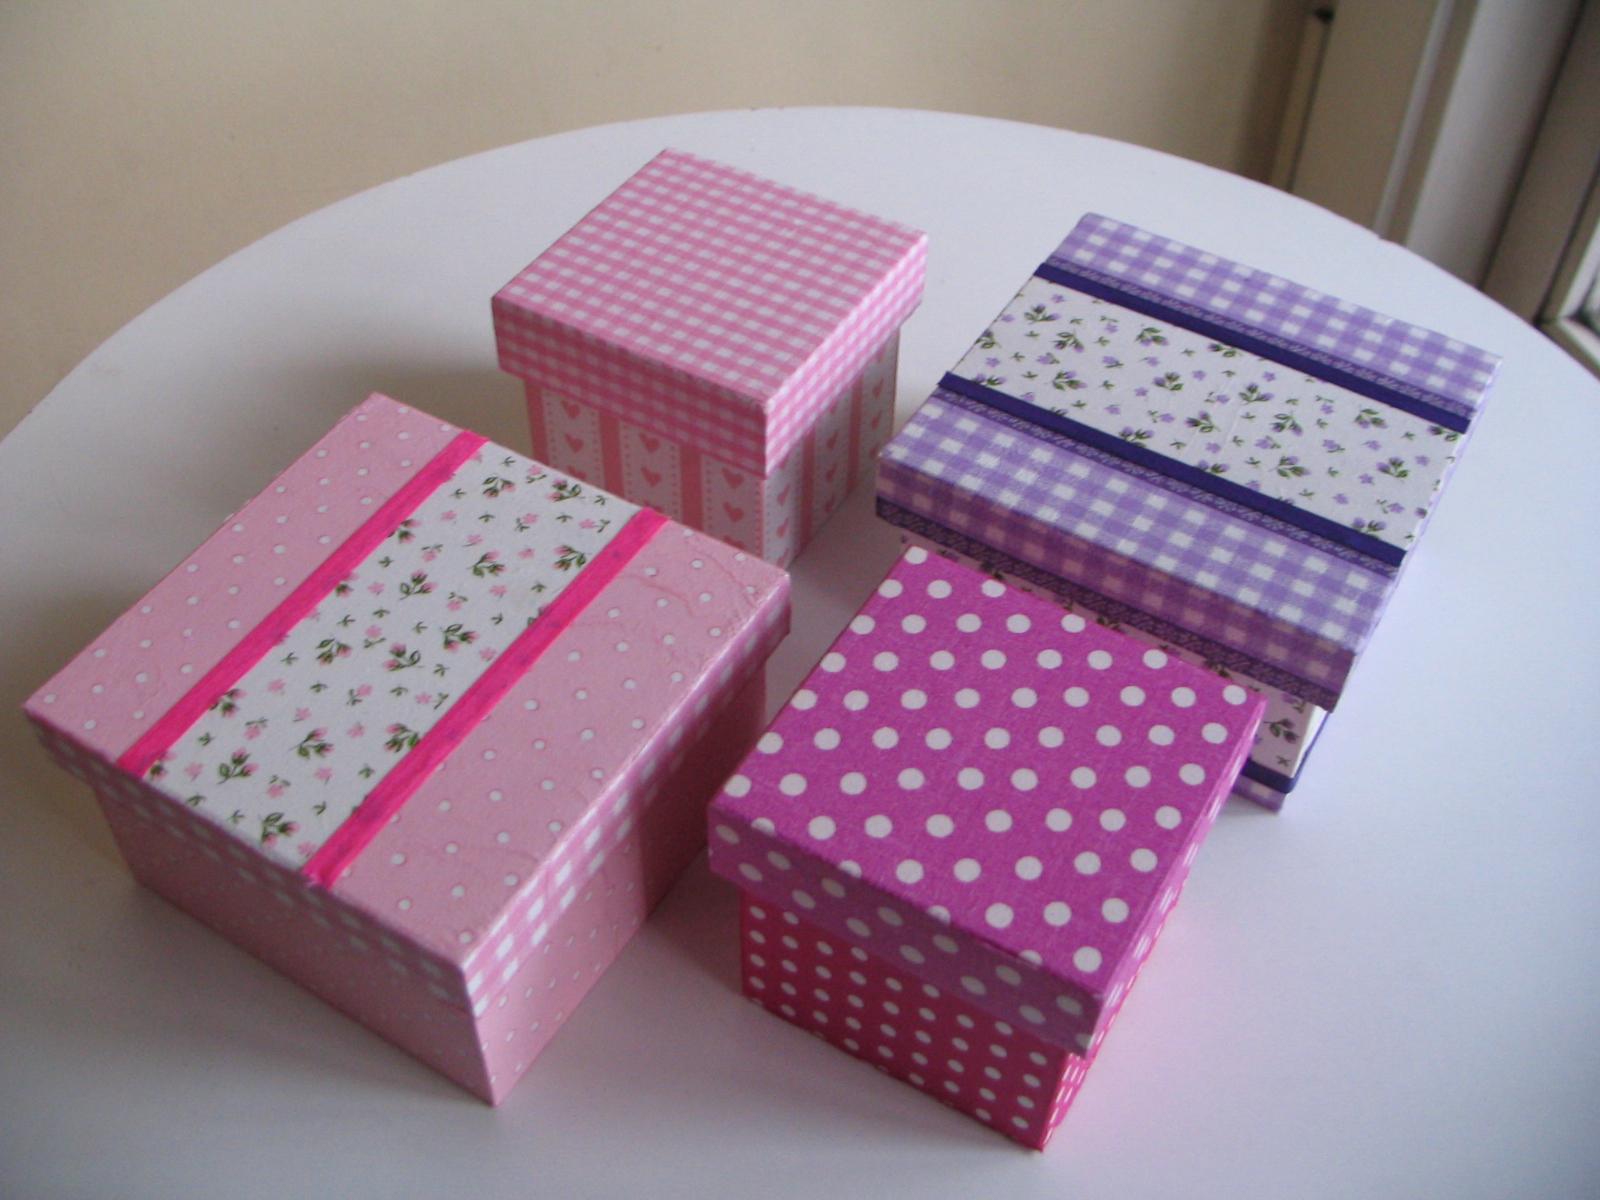 cajas de madera de distintos tamaos decoradas con papel de decoupage y cintas de colores